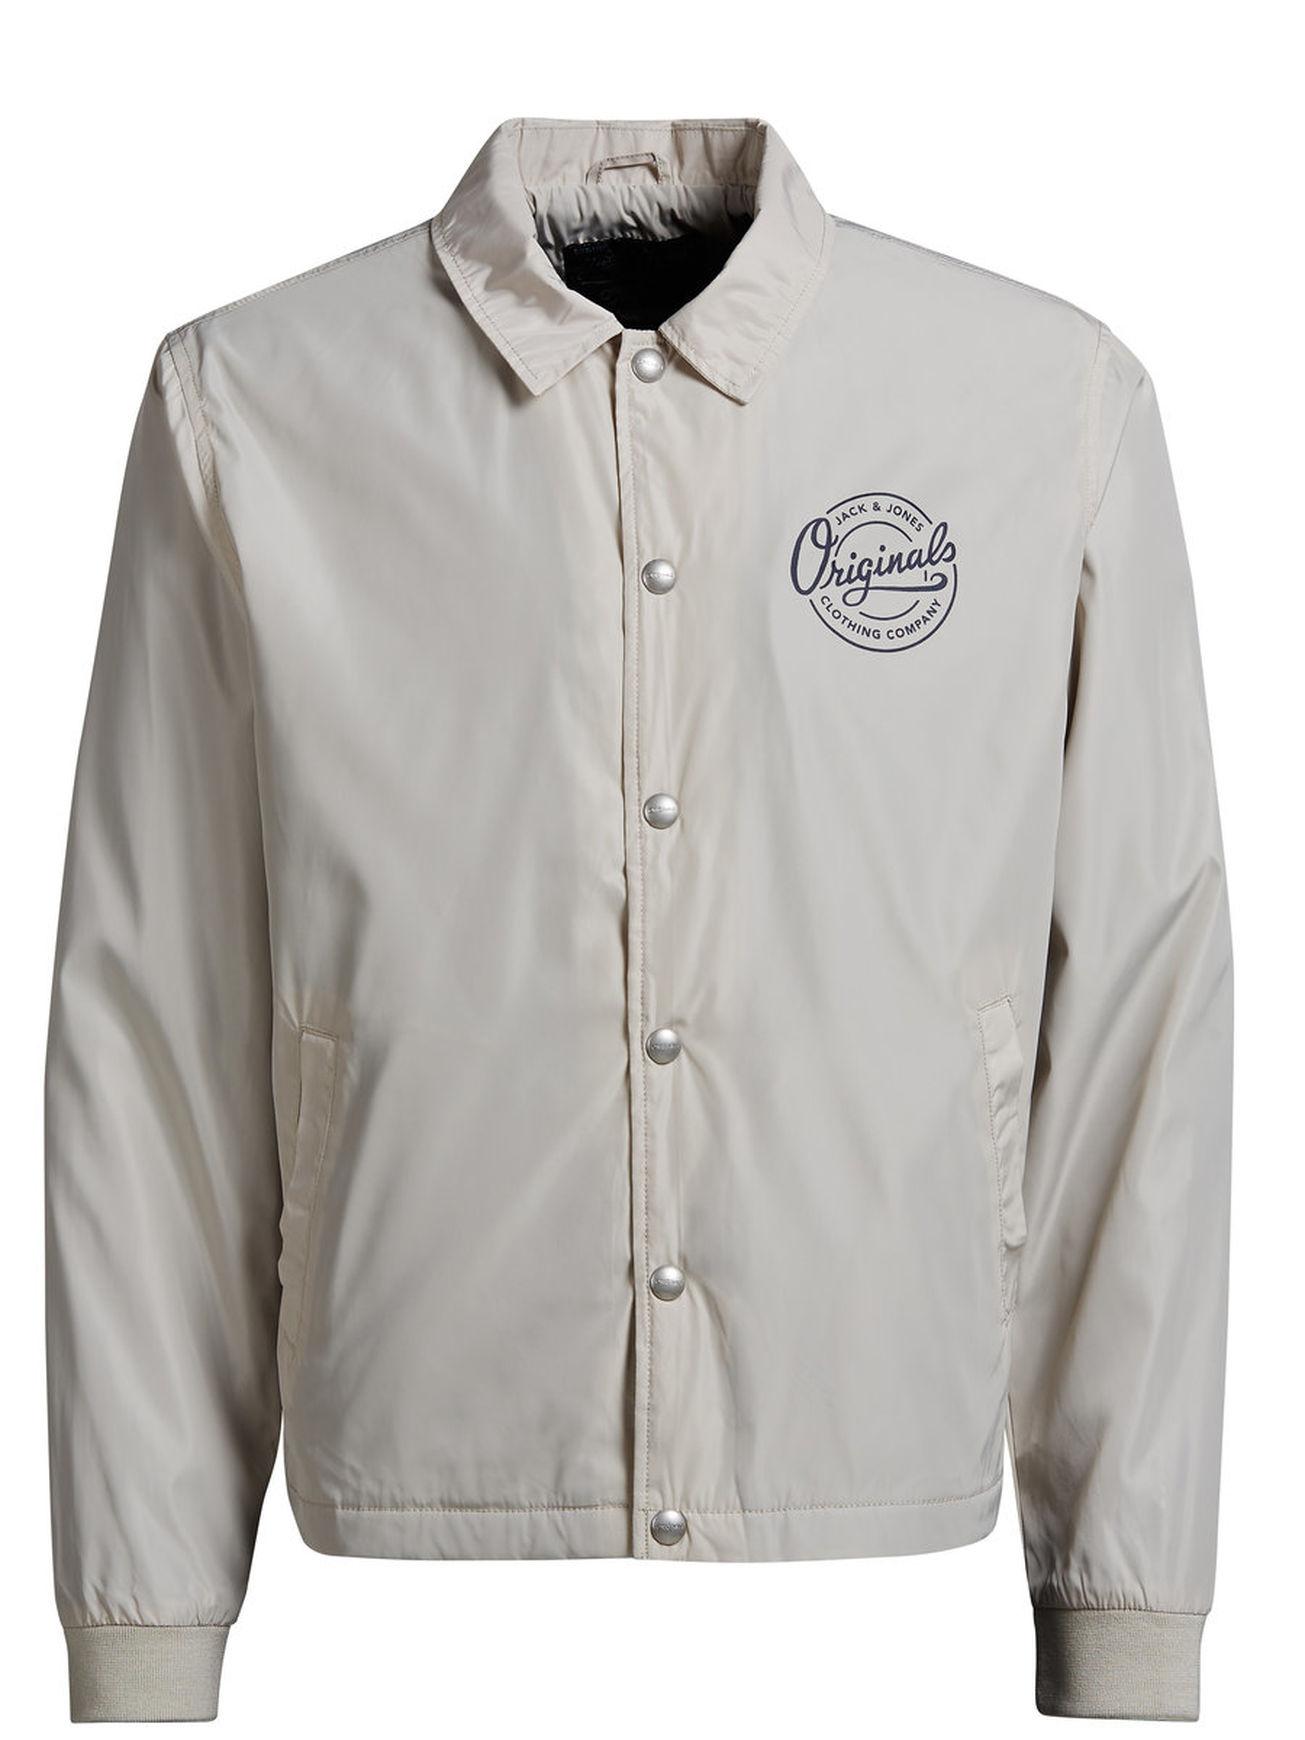 Lightweight Jacket, £22 ( jackjones.com )